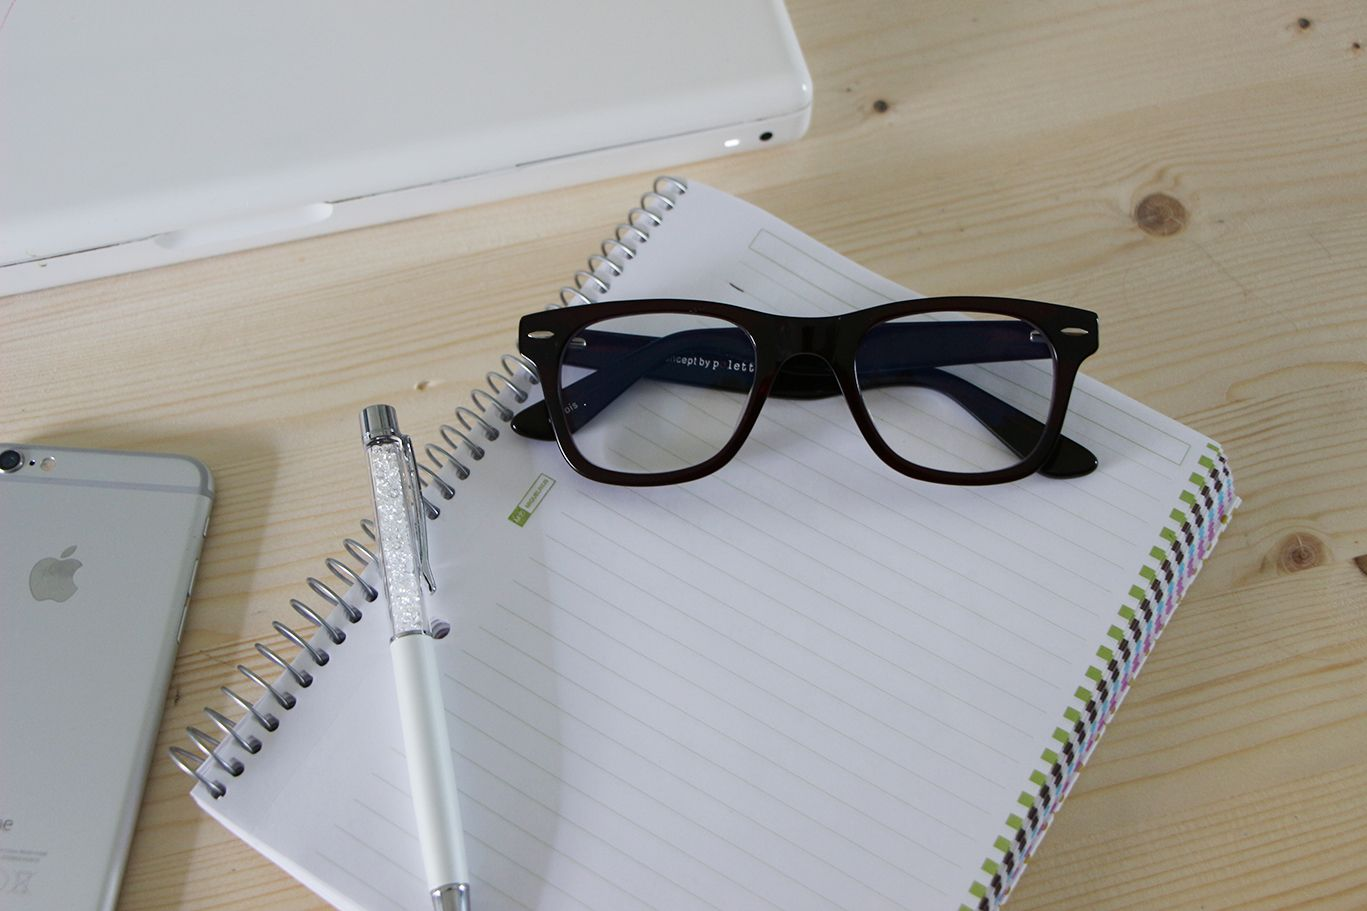 lunettes, l'usine à lunettes, e-polette, lunettes écrans, lunettes ordianteur, protéger ses yeux ordinateur, bon plan lunettes, concours, lunettes pas chères, e-protect lunettes, protéger ses yeux de l'ordianteur avec les e-polettes